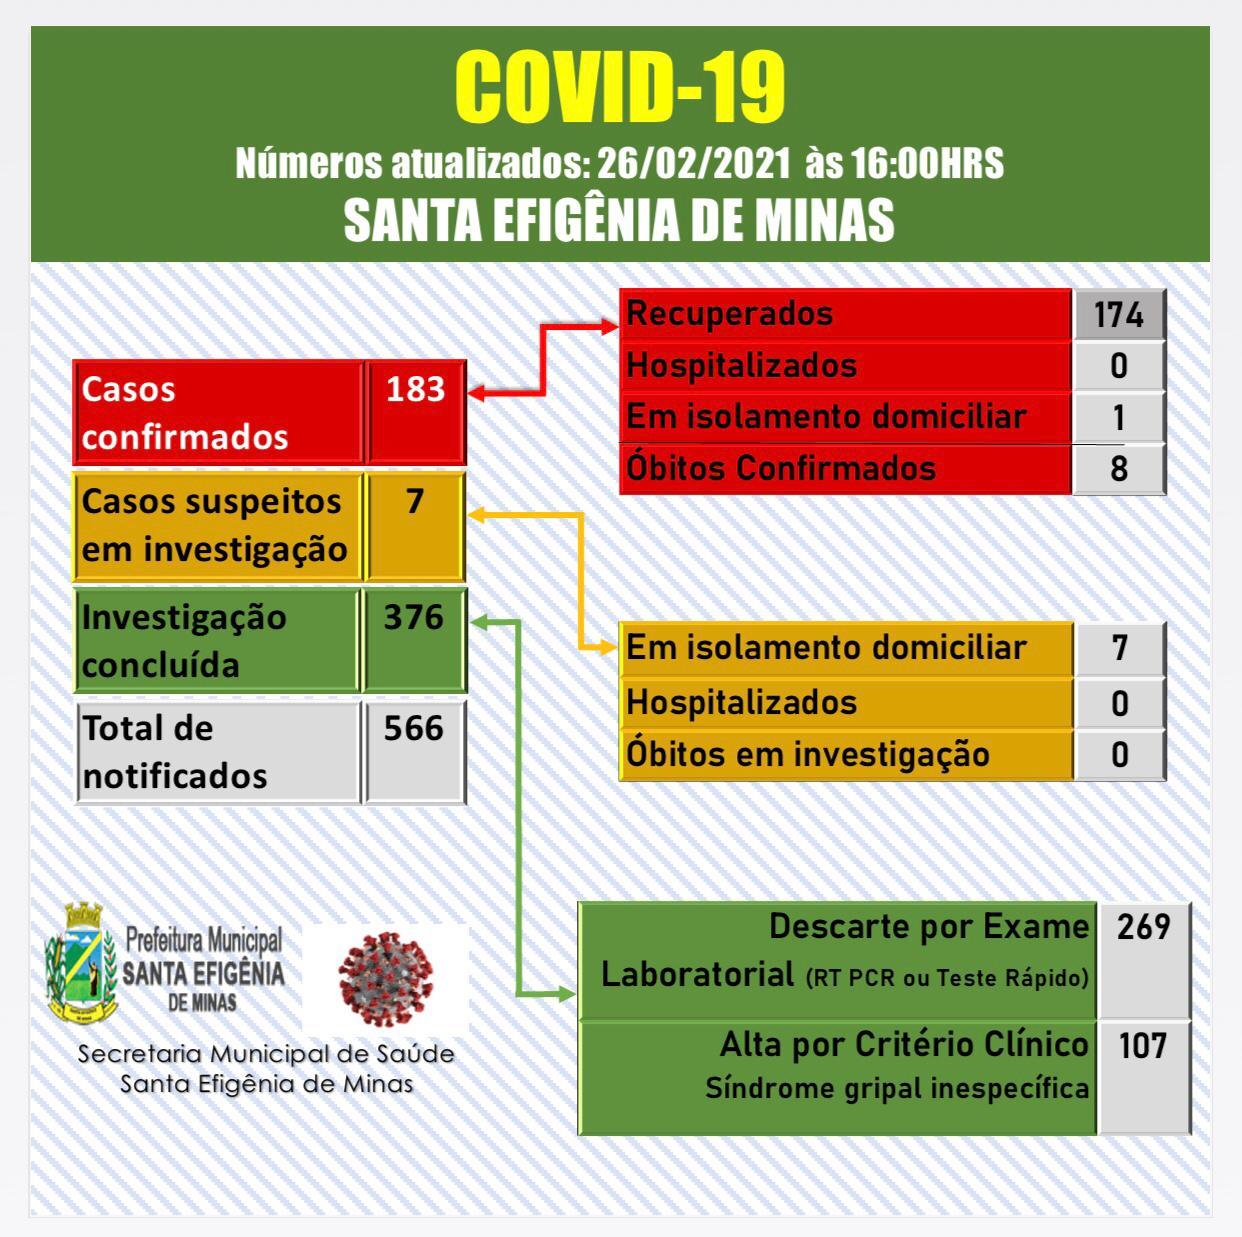 BOLETIM OFICIAL CORONAVÍRUS 26 DE FEVEREIRO DE 2021